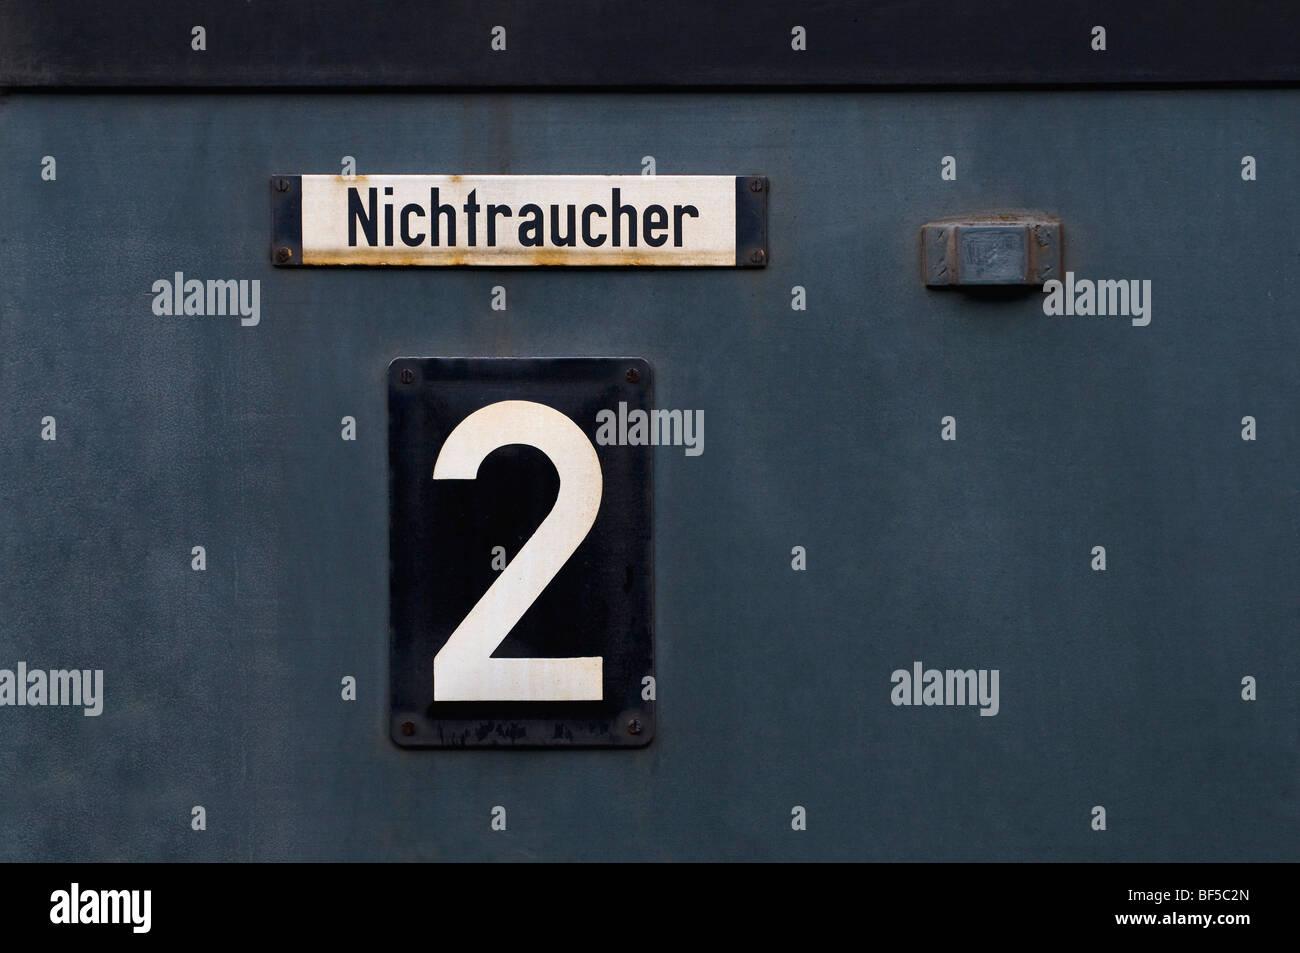 Non-fumatori segno e 2a classe di marcatura in una storica carrozze ferroviarie Immagini Stock